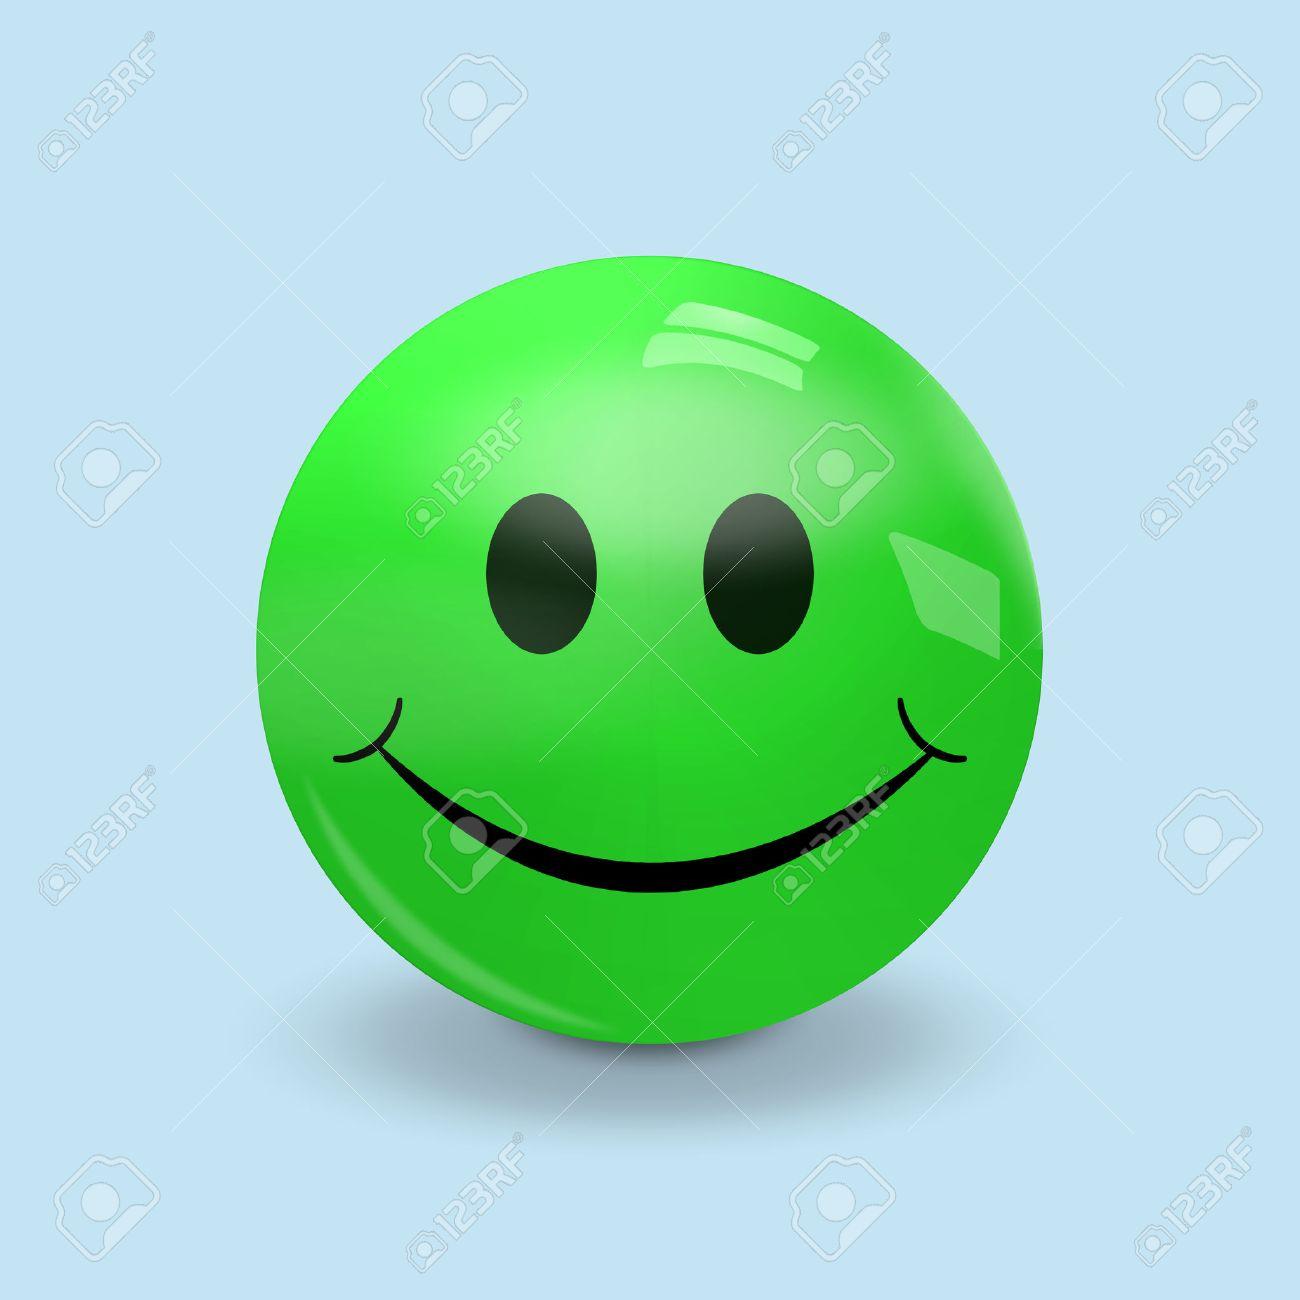 smily - 26668929